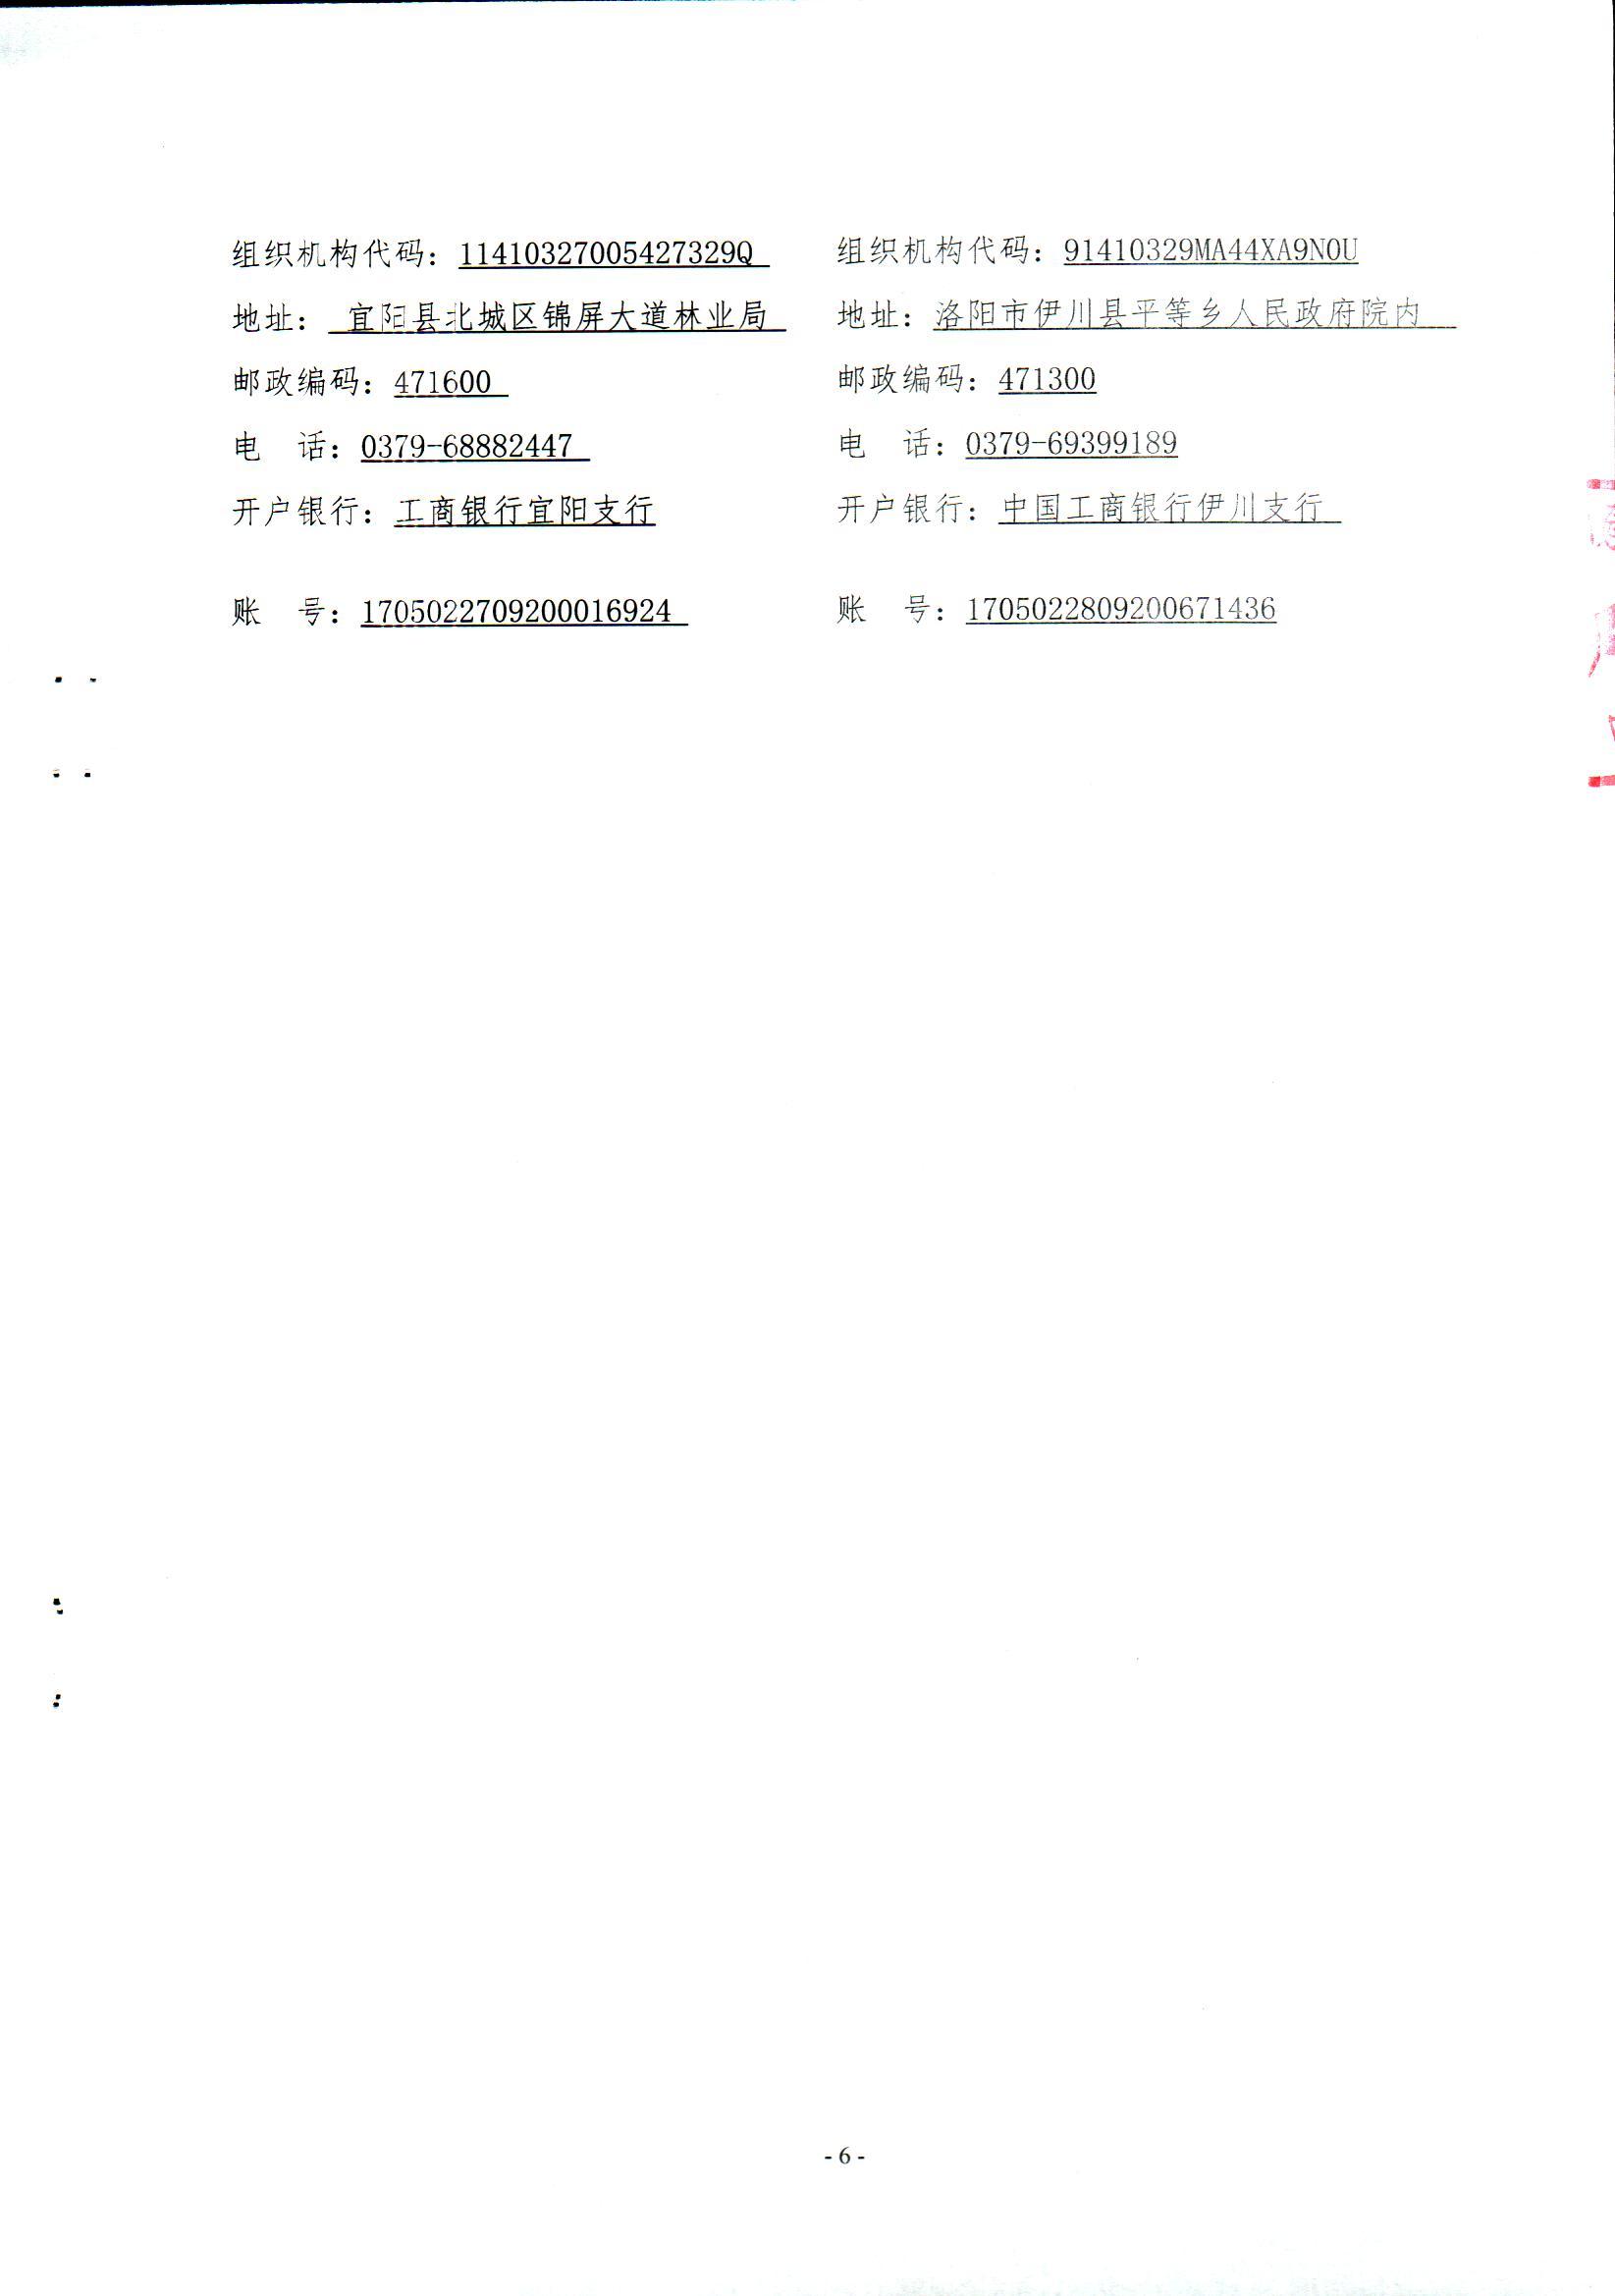 2021-04-01-12-06-30-01.jpg